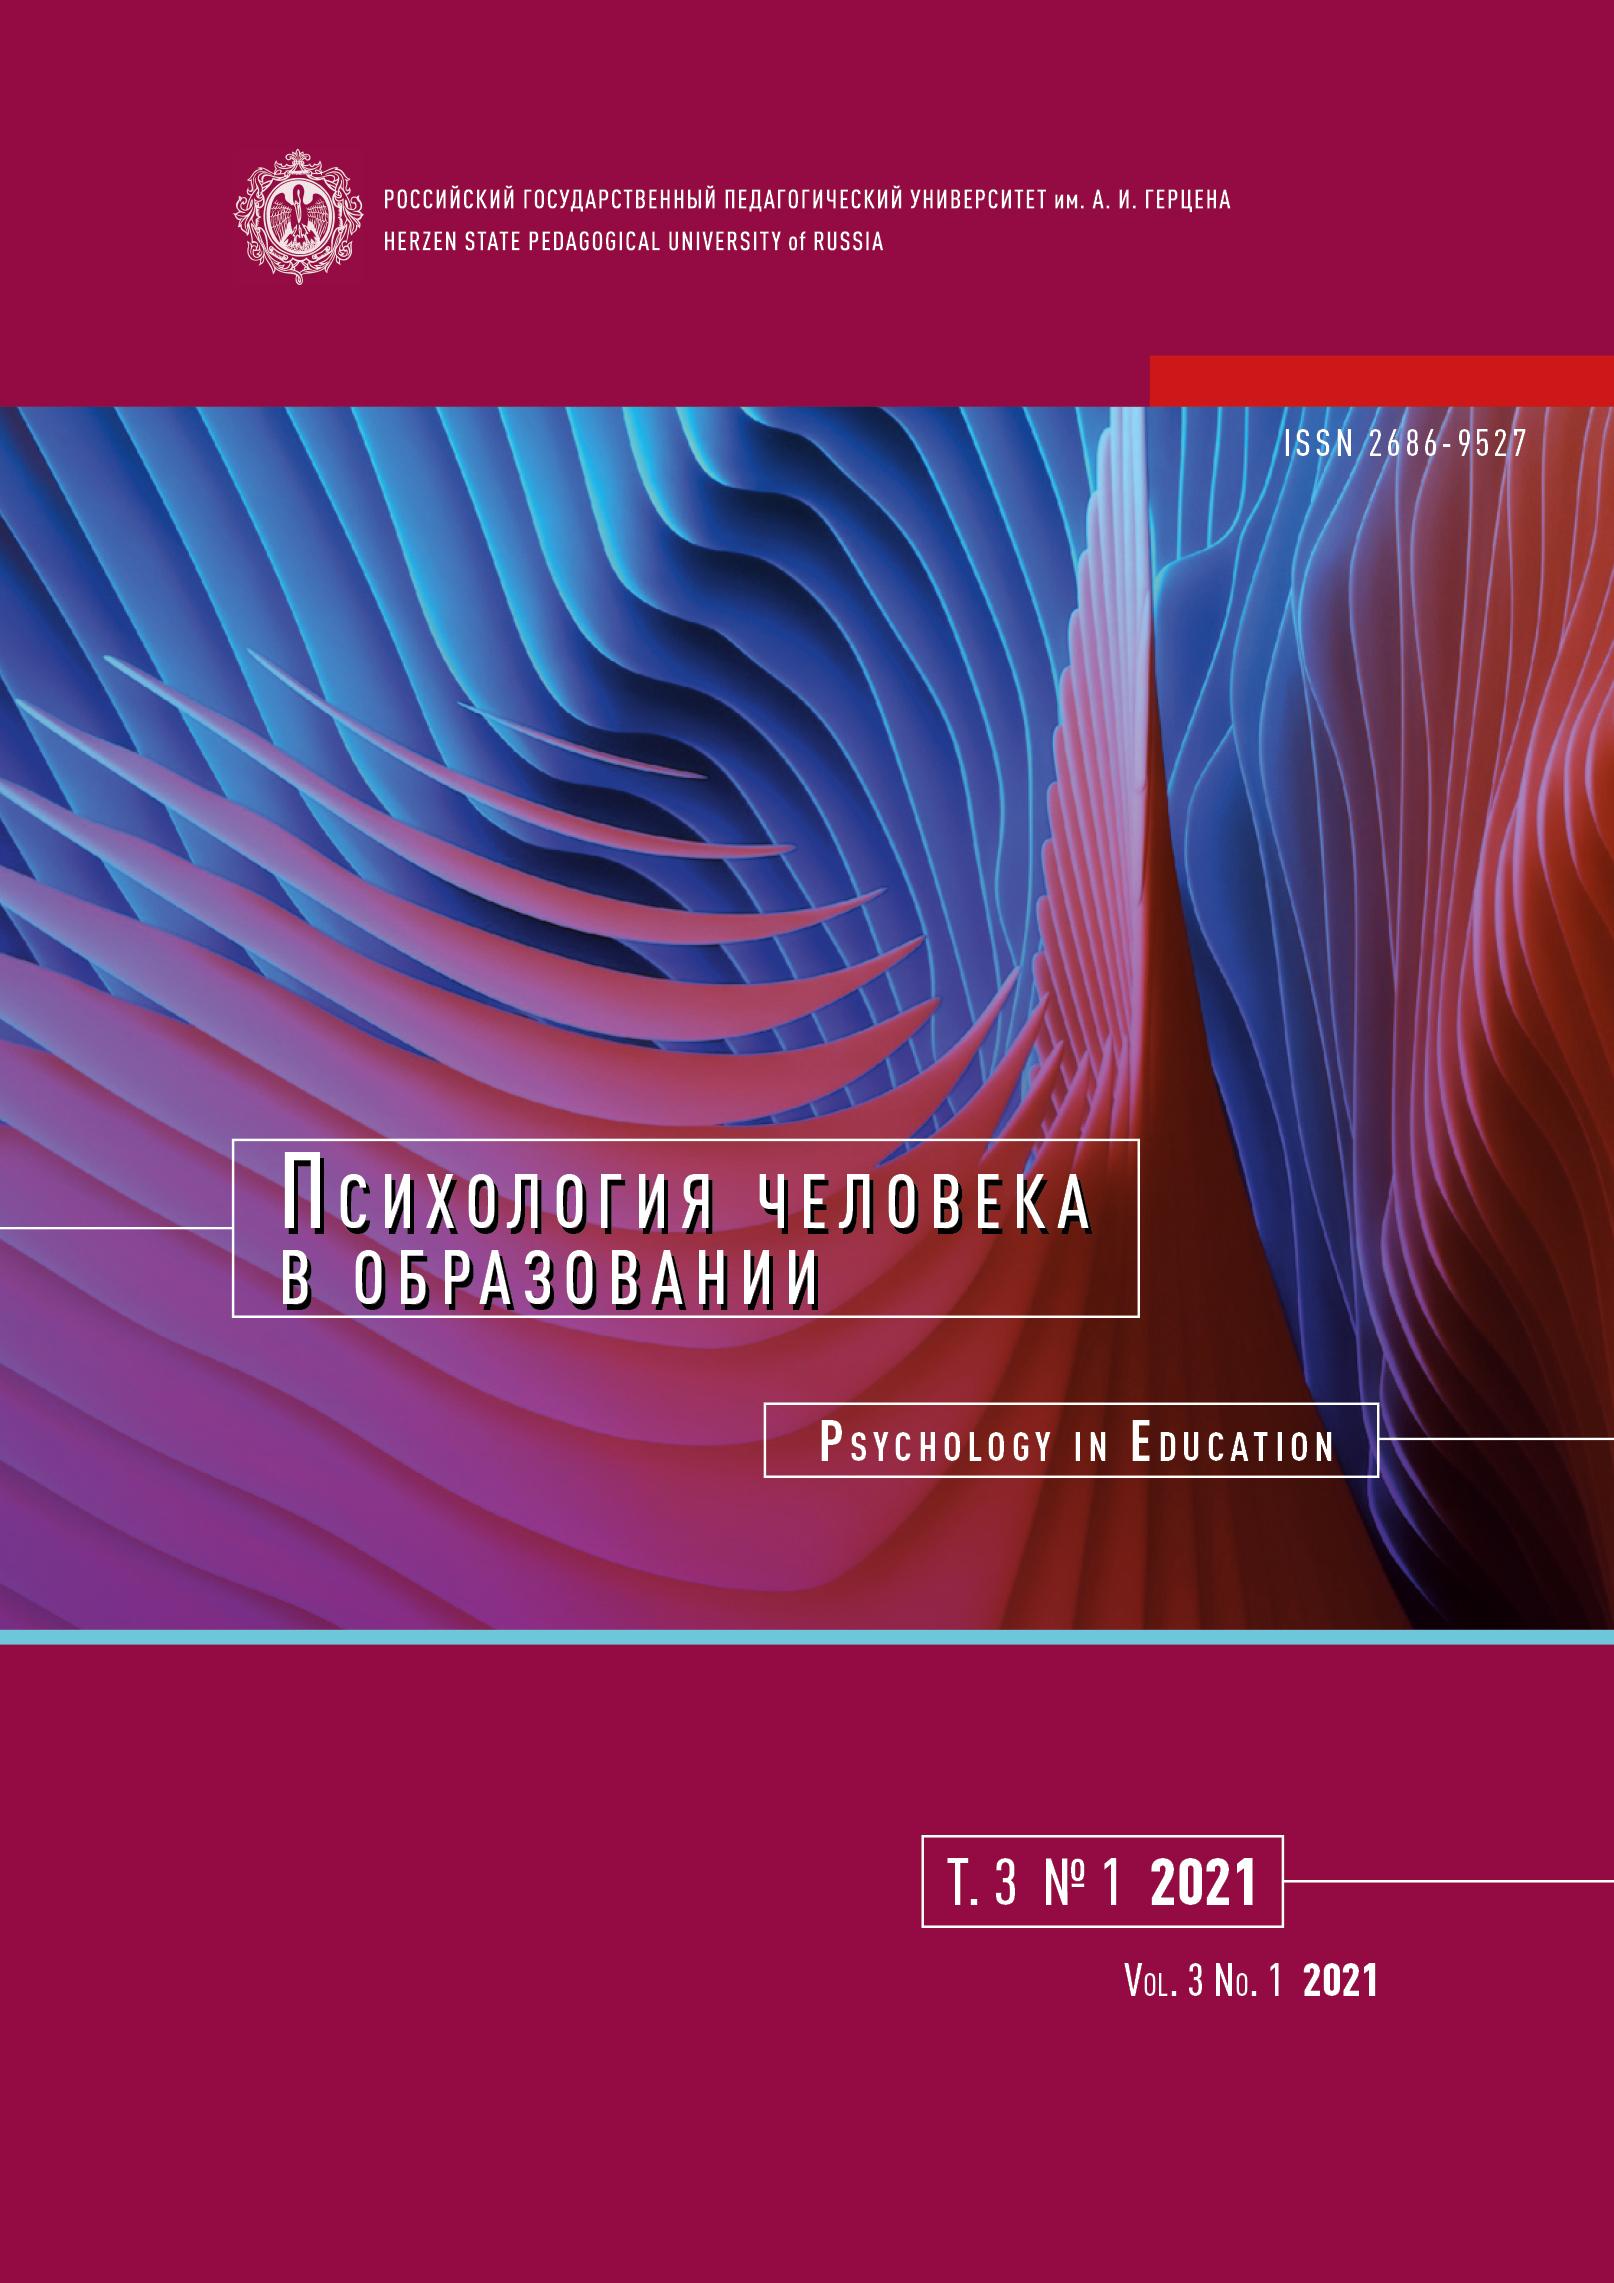 """Обложка журнала """"Психология человека в образовании"""" (т. 3, № 1)"""